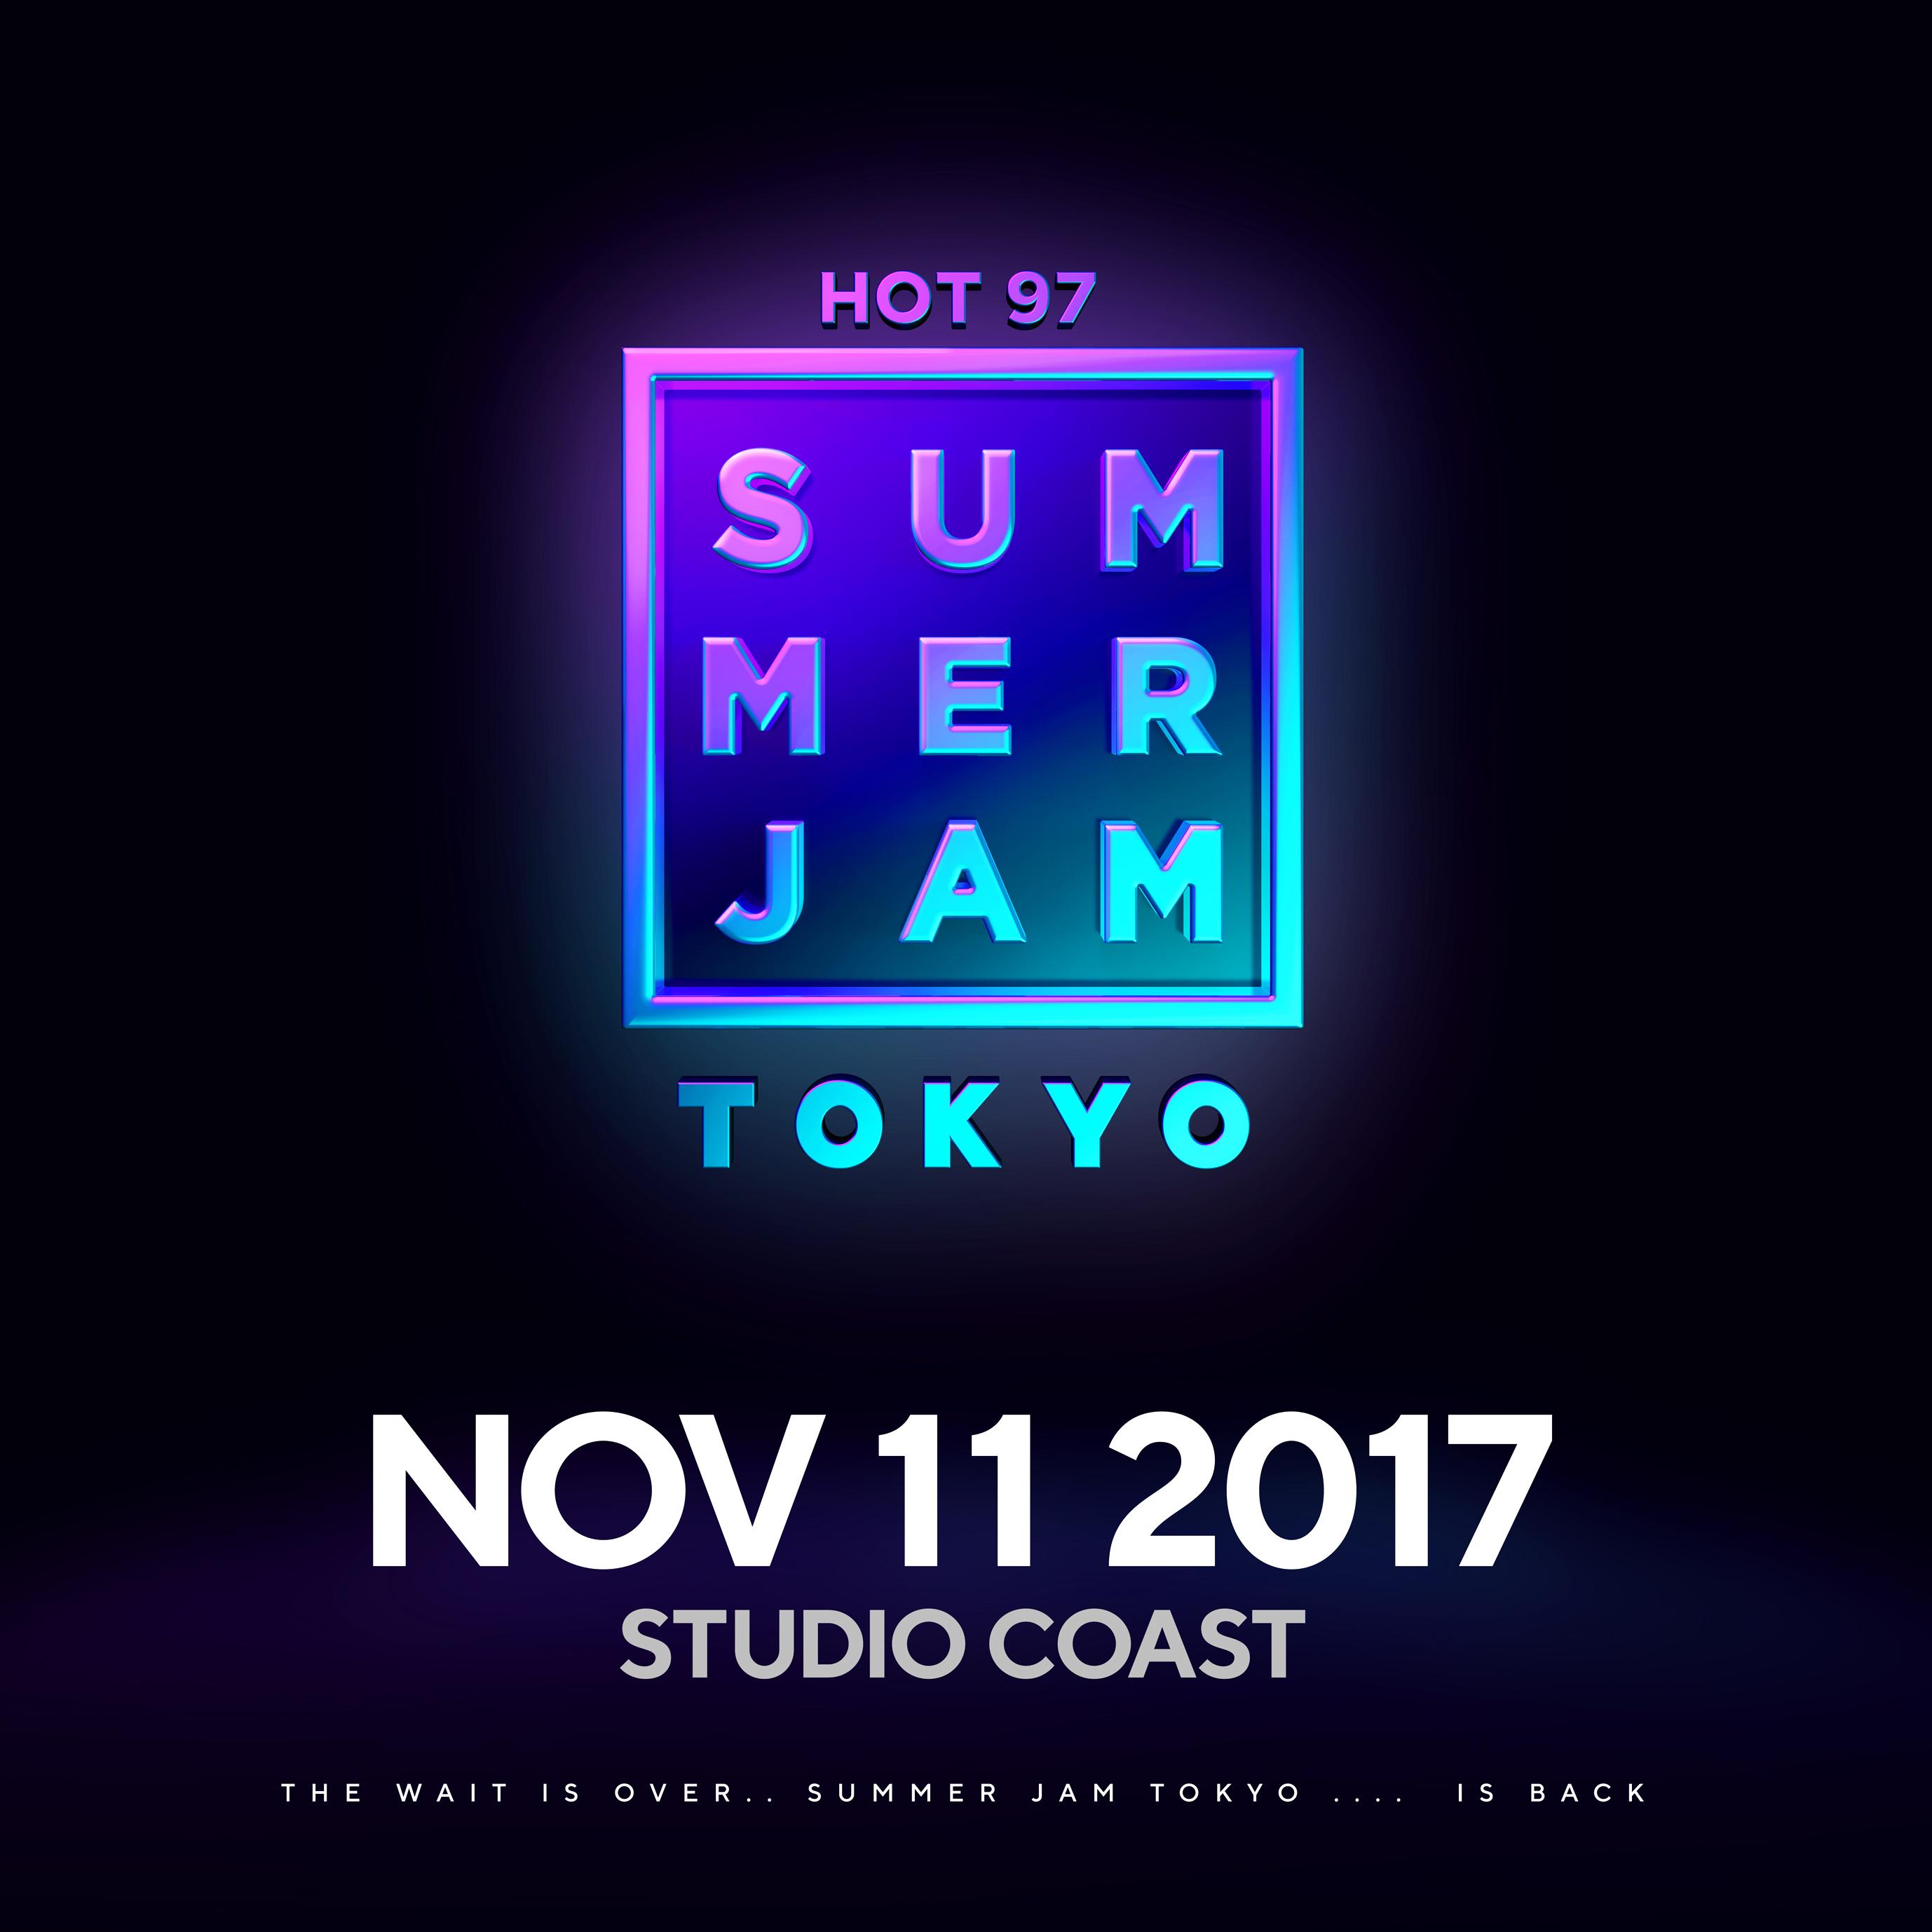 HOT 97 SUMMER JAM TOKYO 2017